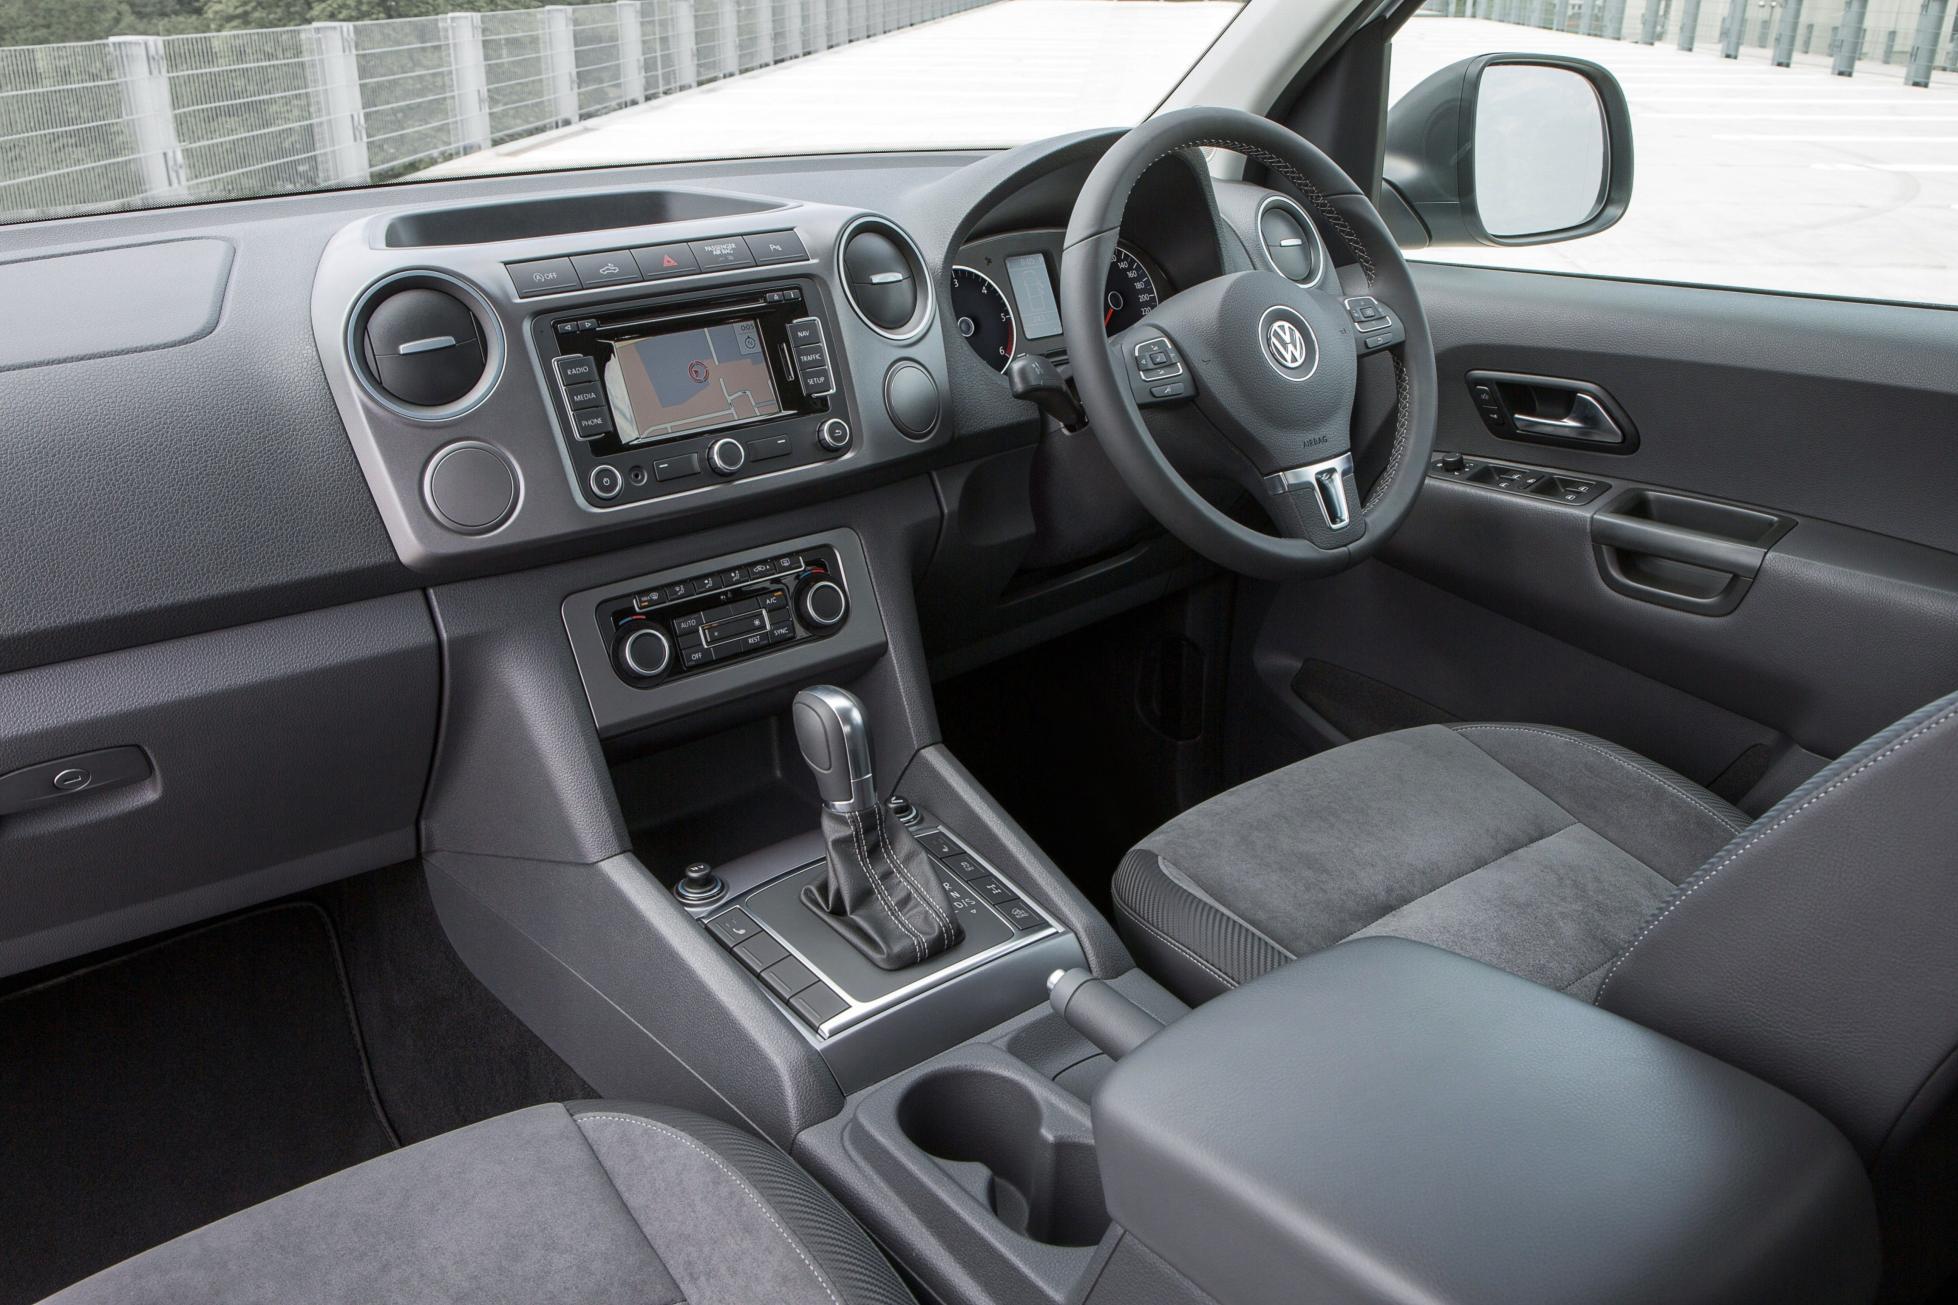 Volkswagen Amarok Dark Label Priced in the UK from £26,125 - autoevolution